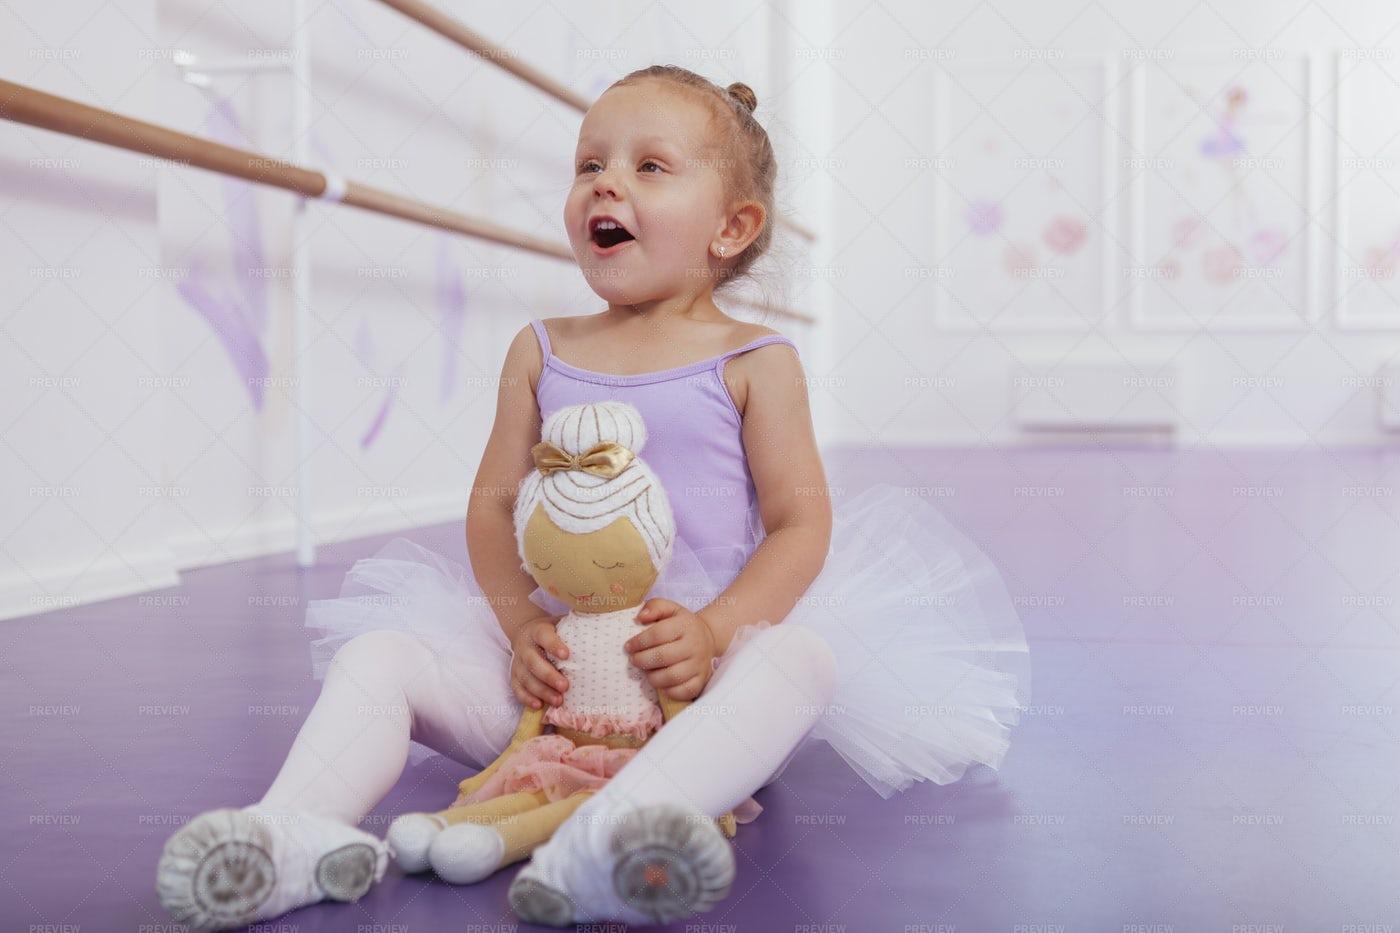 Ballerina With A Doll: Stock Photos